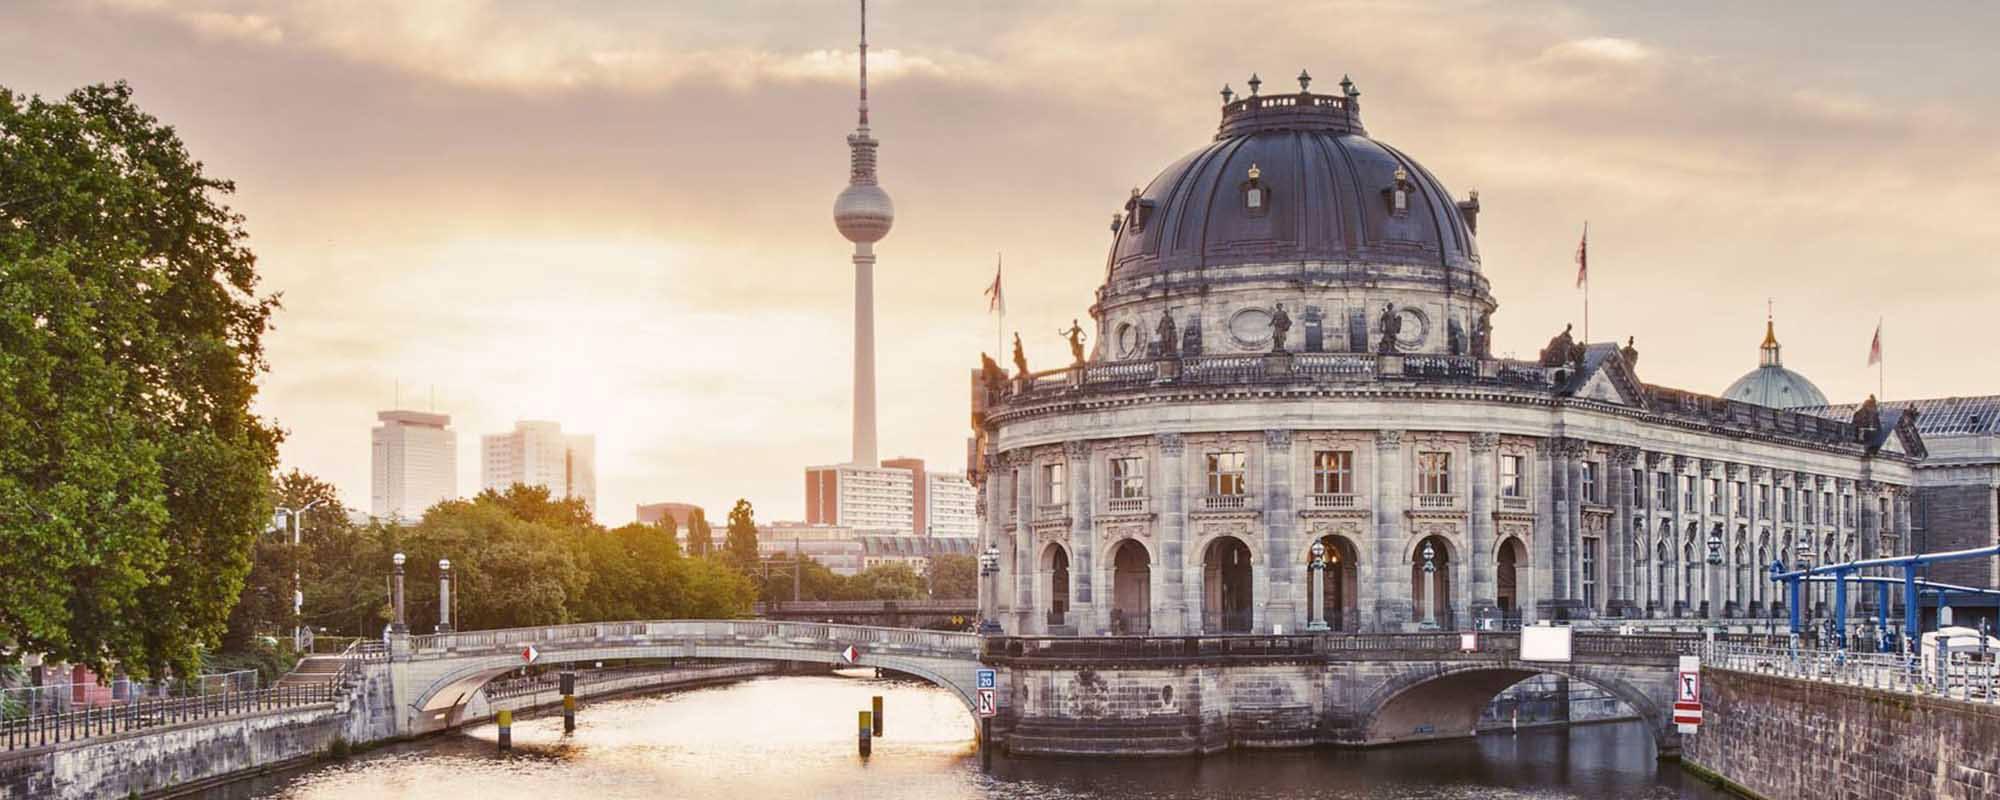 Imparare il tedesco a Berlino